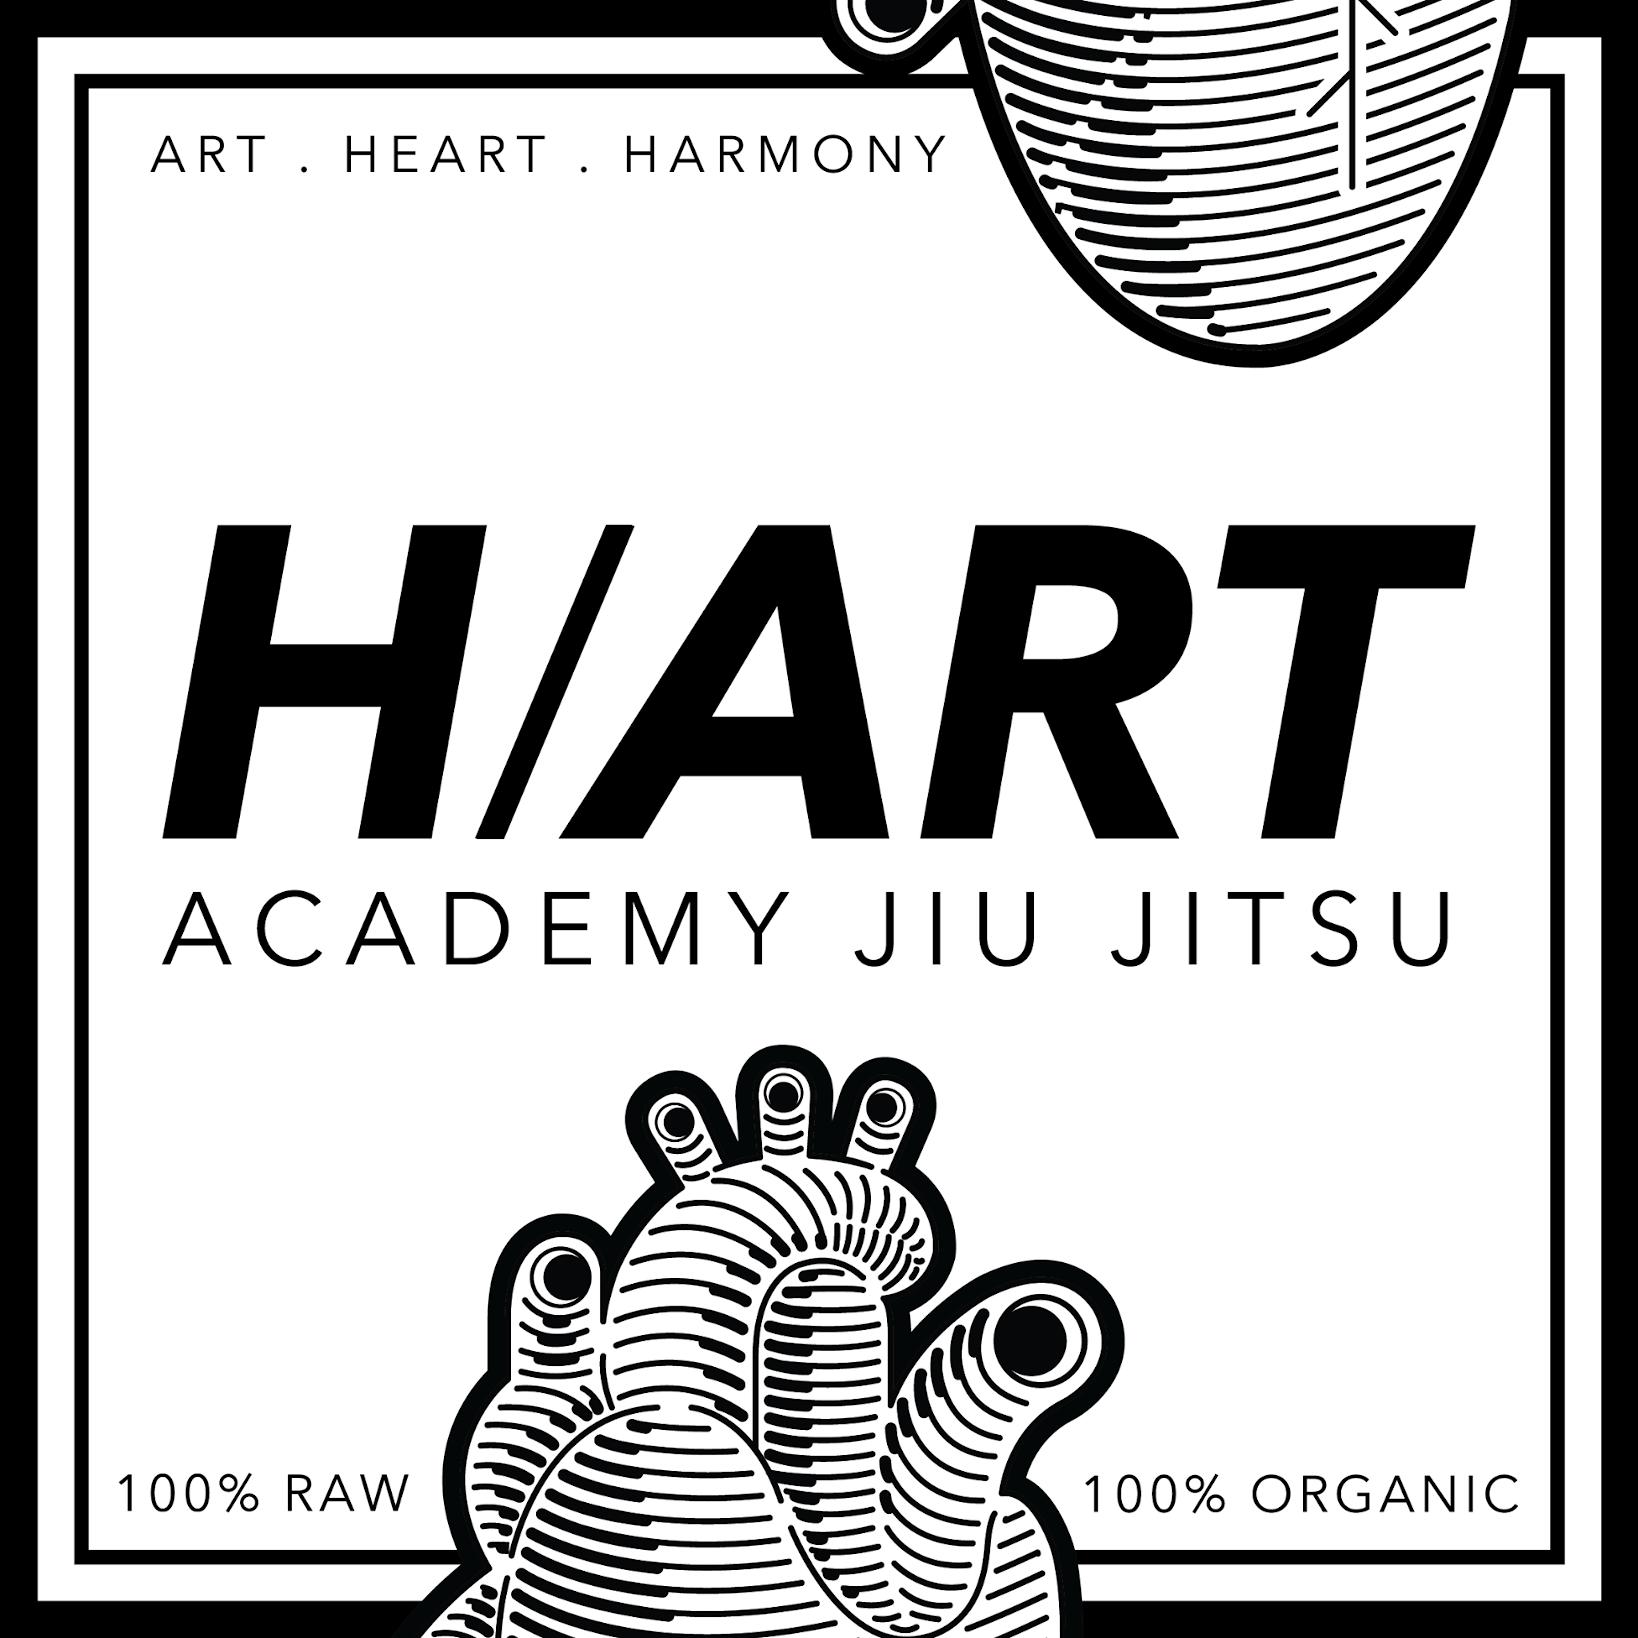 H/Art Academy Jiu Jitsu